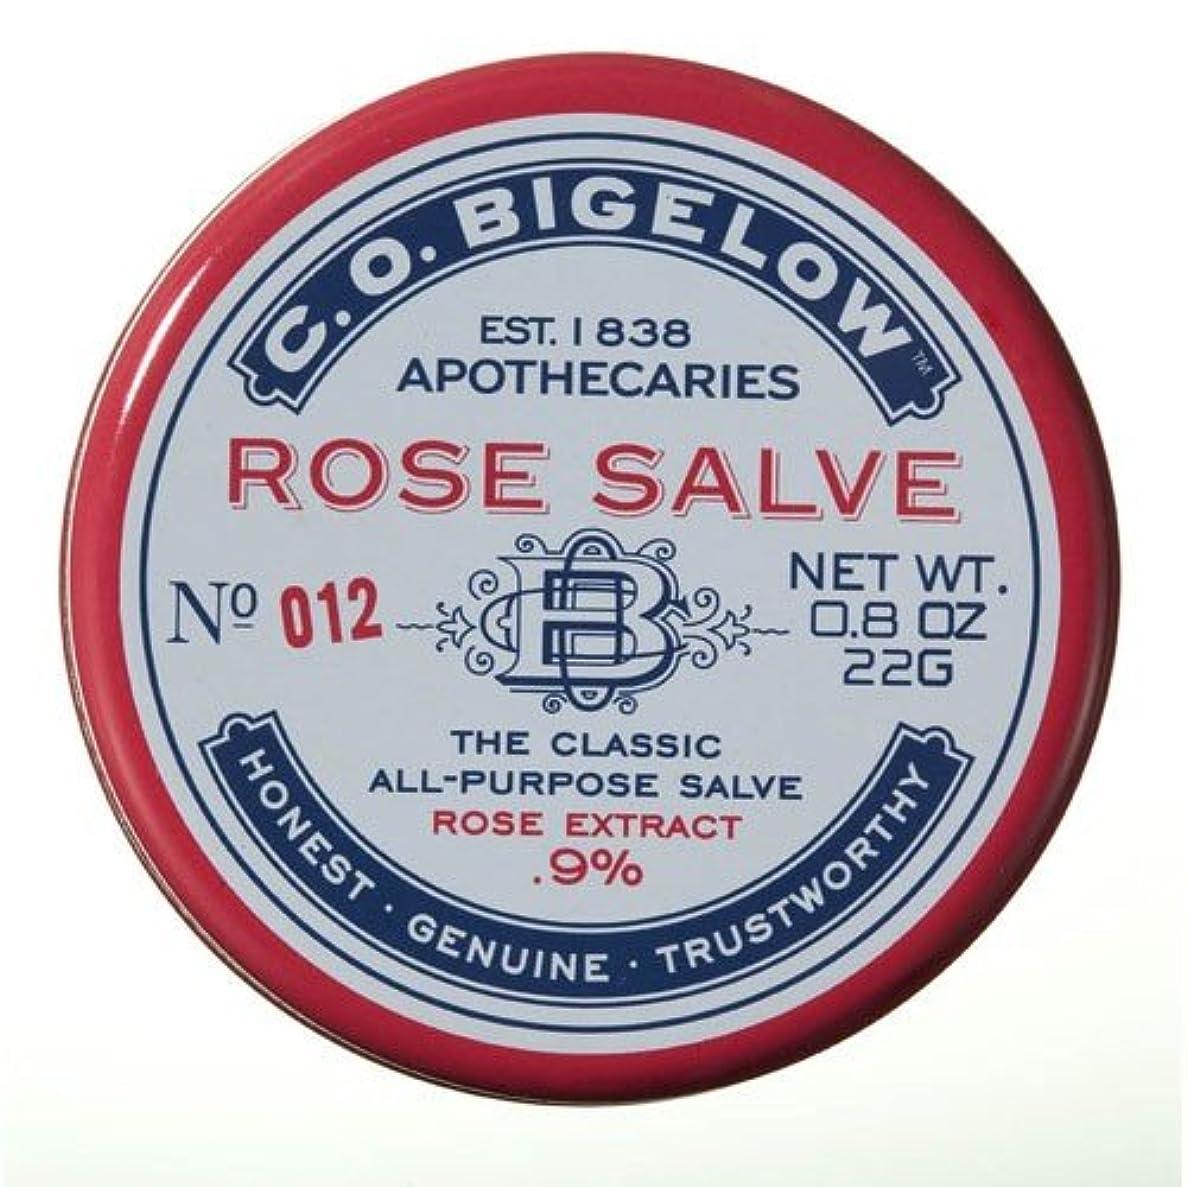 ルーフきょうだいラグ[C.O. Begelow] ローズサルベ 全身用万能軟膏